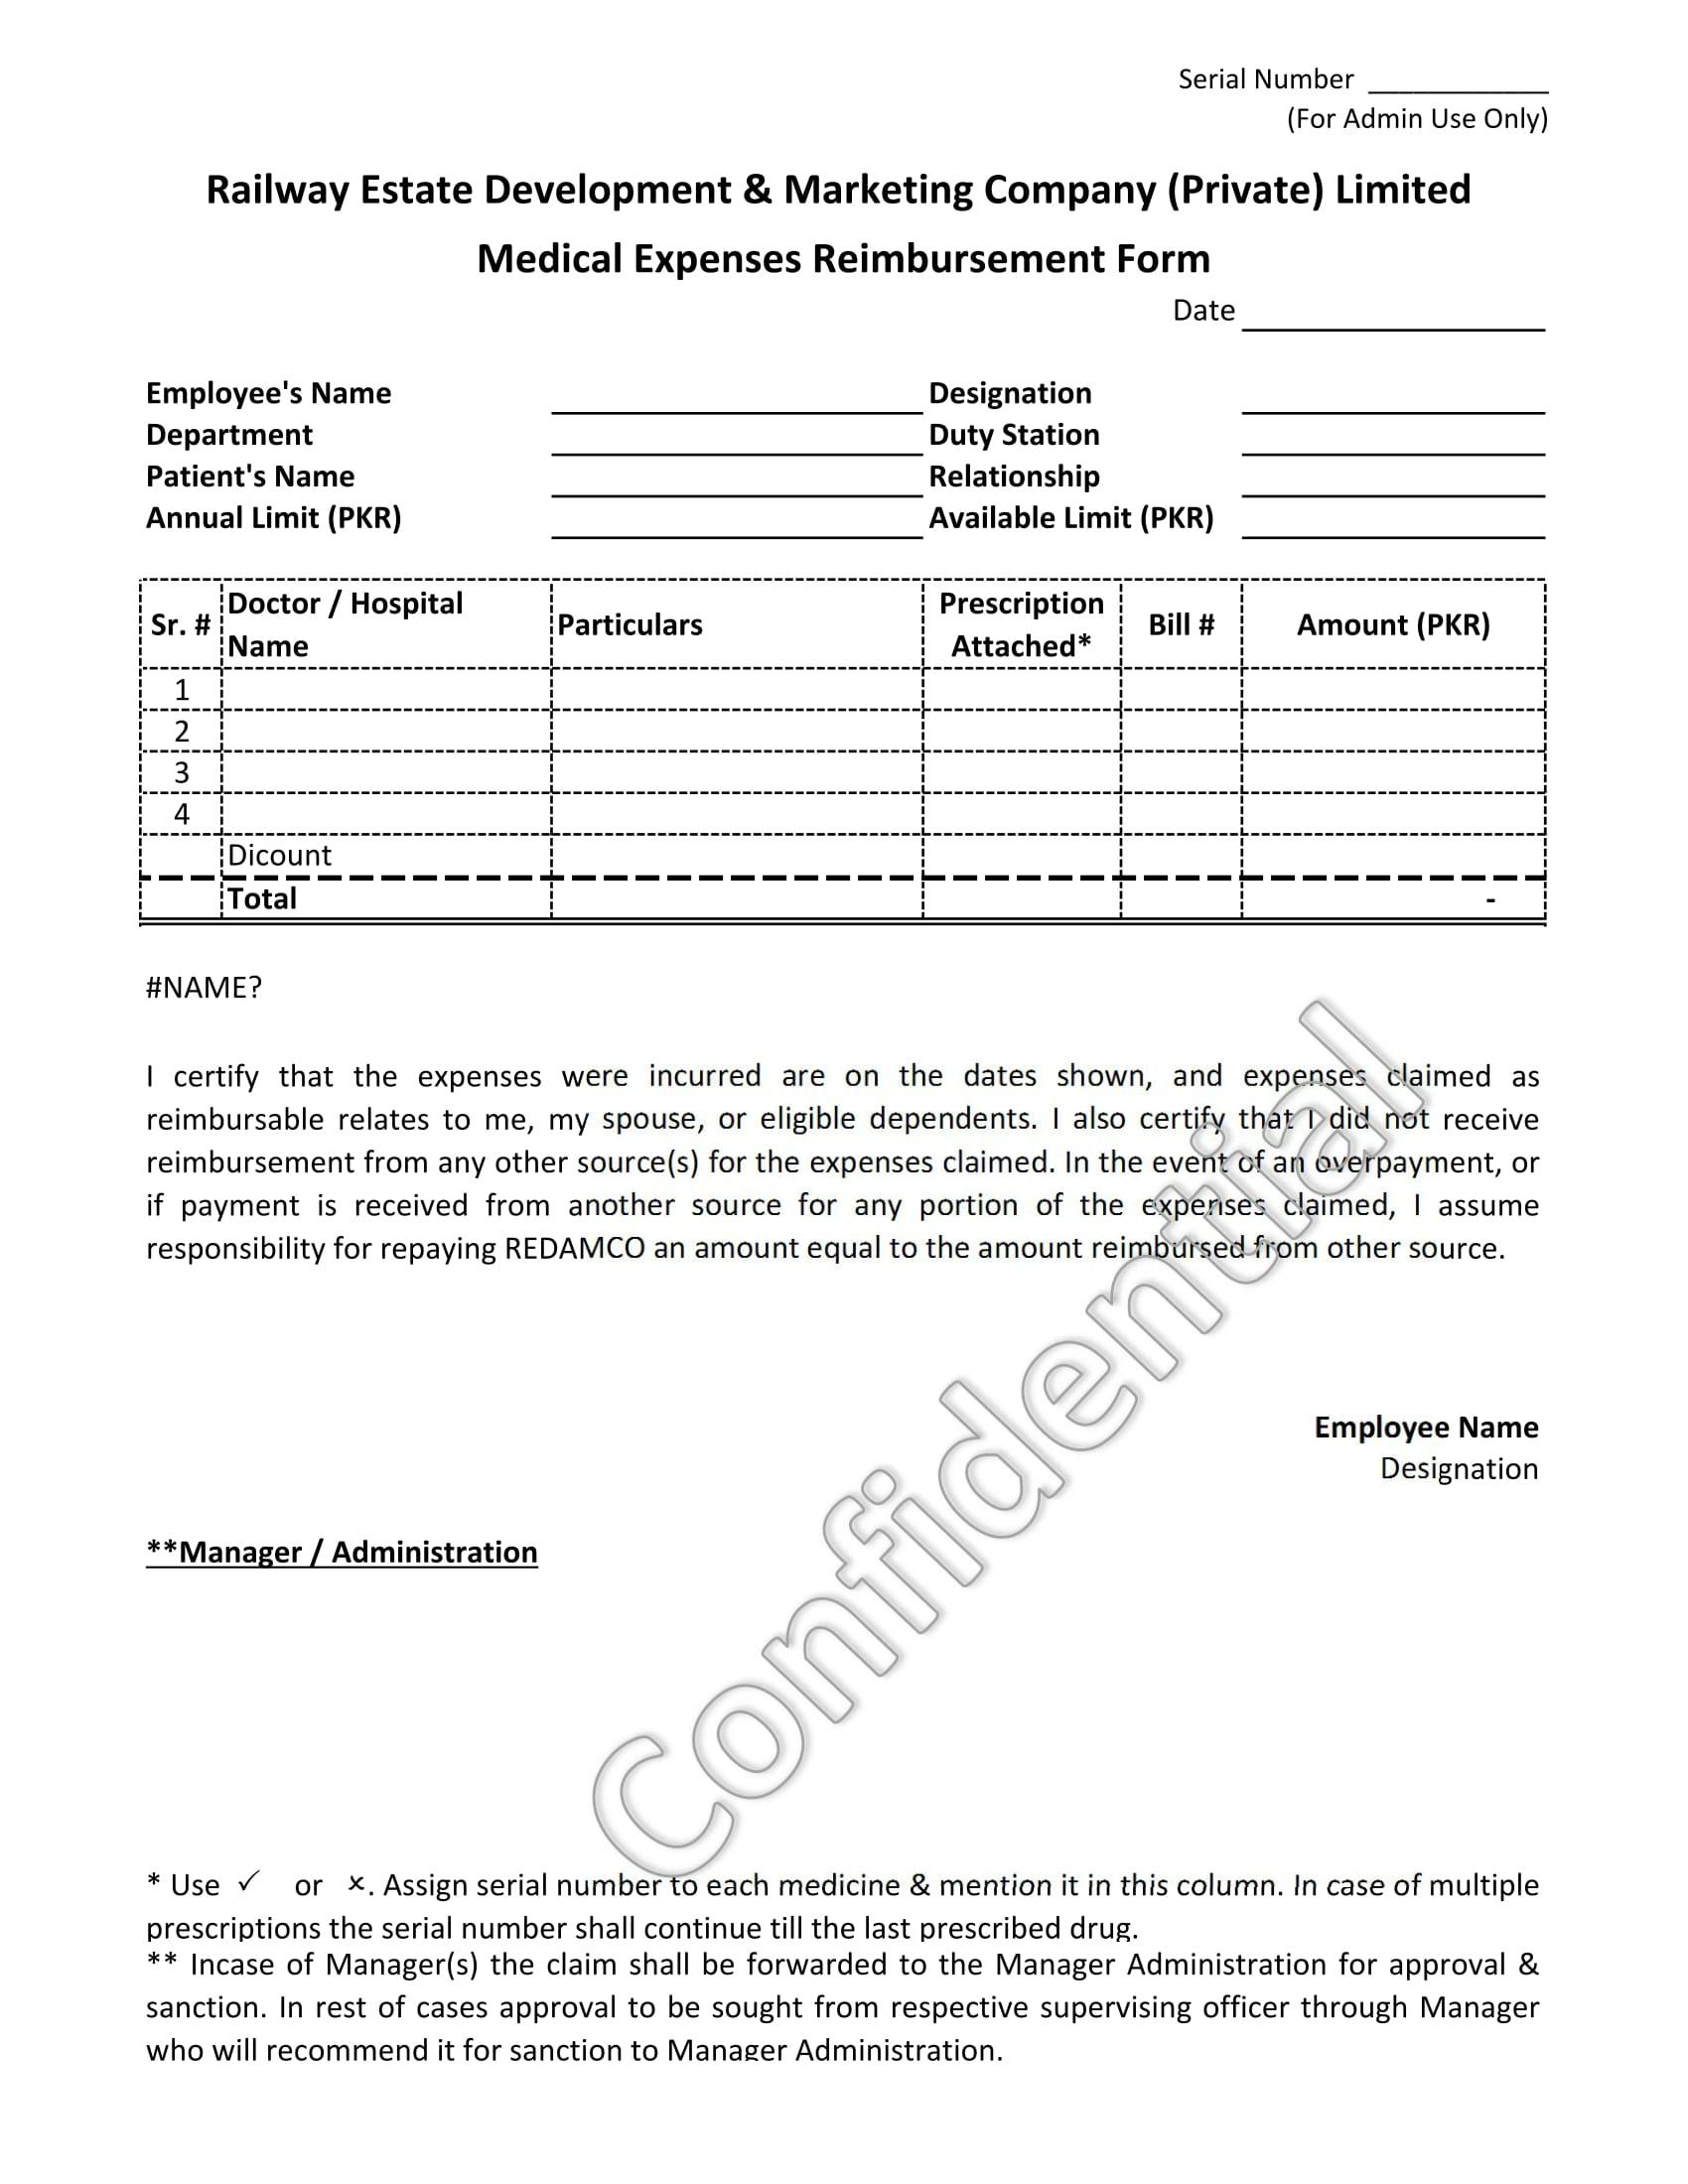 private company medical expenses reimbursement form 1